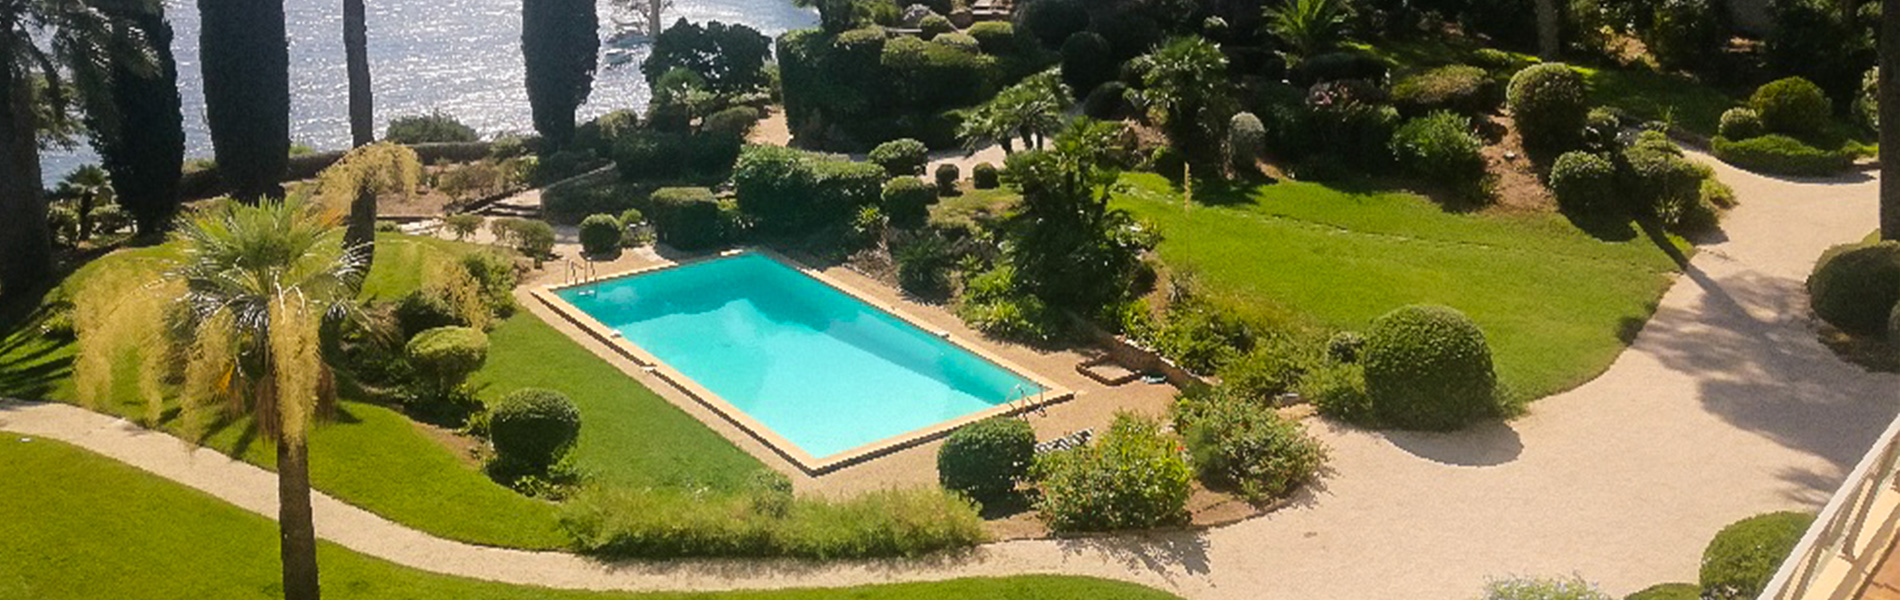 Entretien de jardin Toulon, Hyères, Saint Tropez, Bandol…